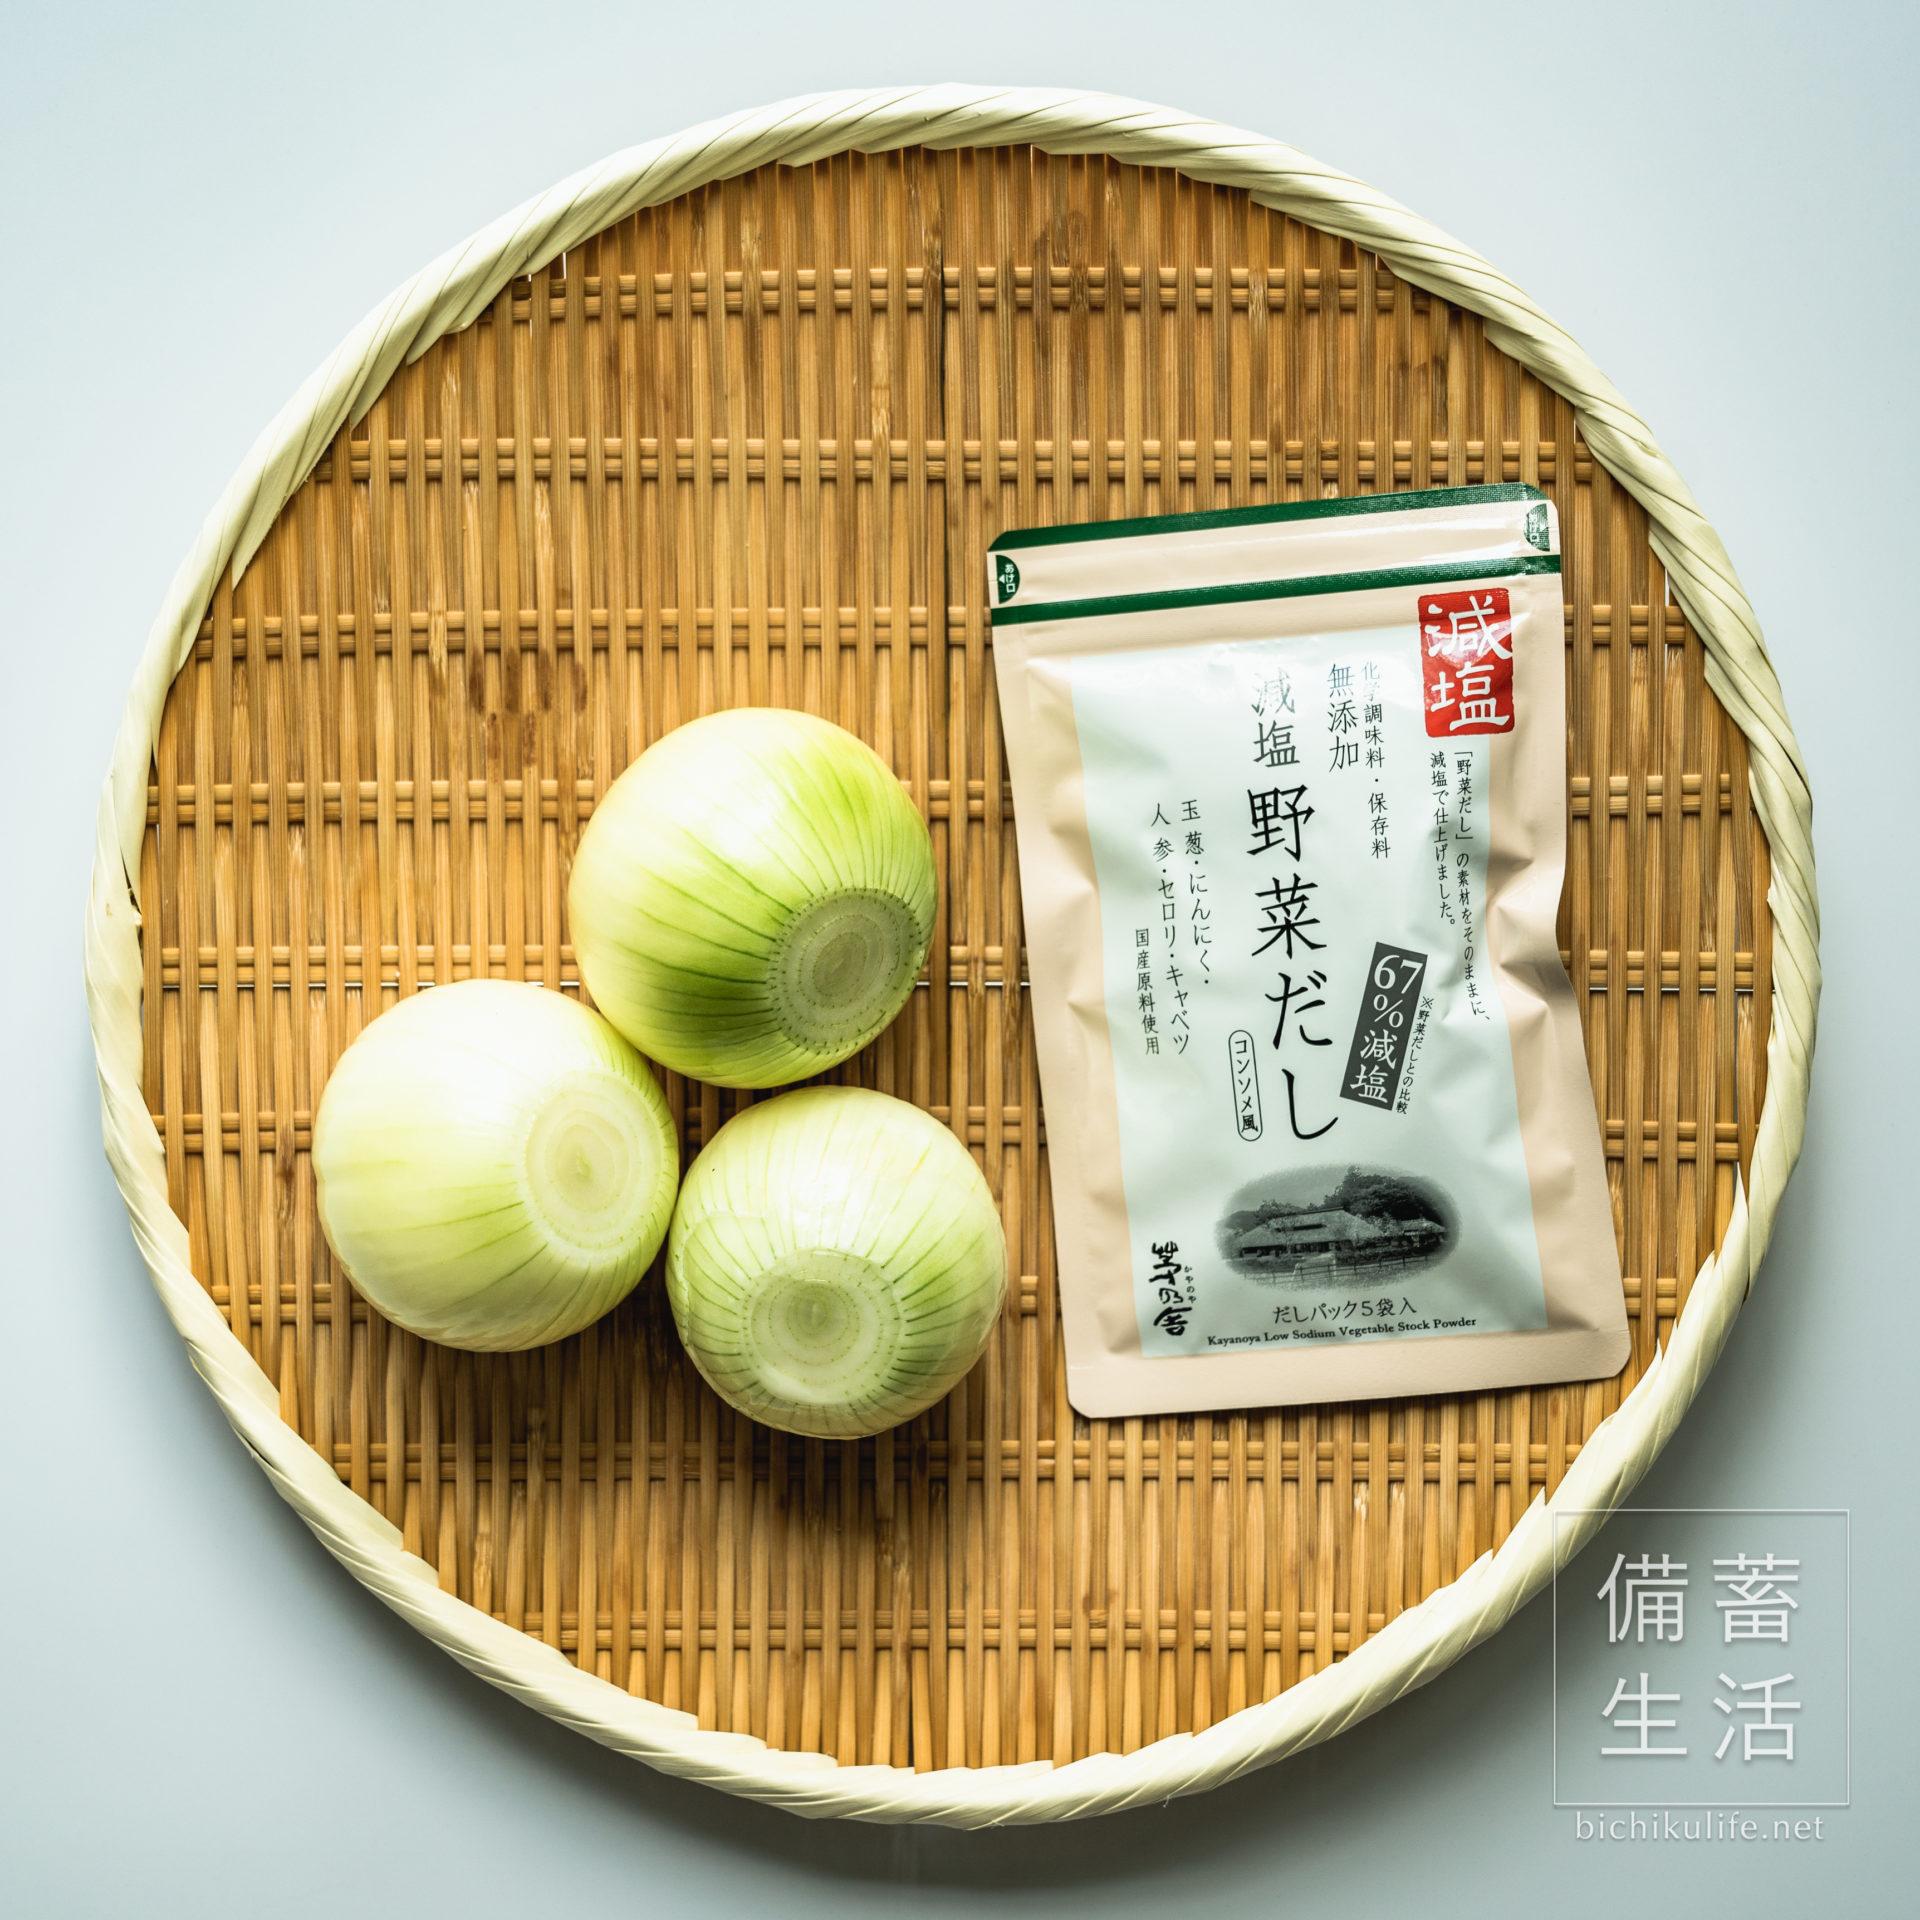 幻のたまねぎ 札幌黄のレシピ、丸ごと玉ねぎのスープ